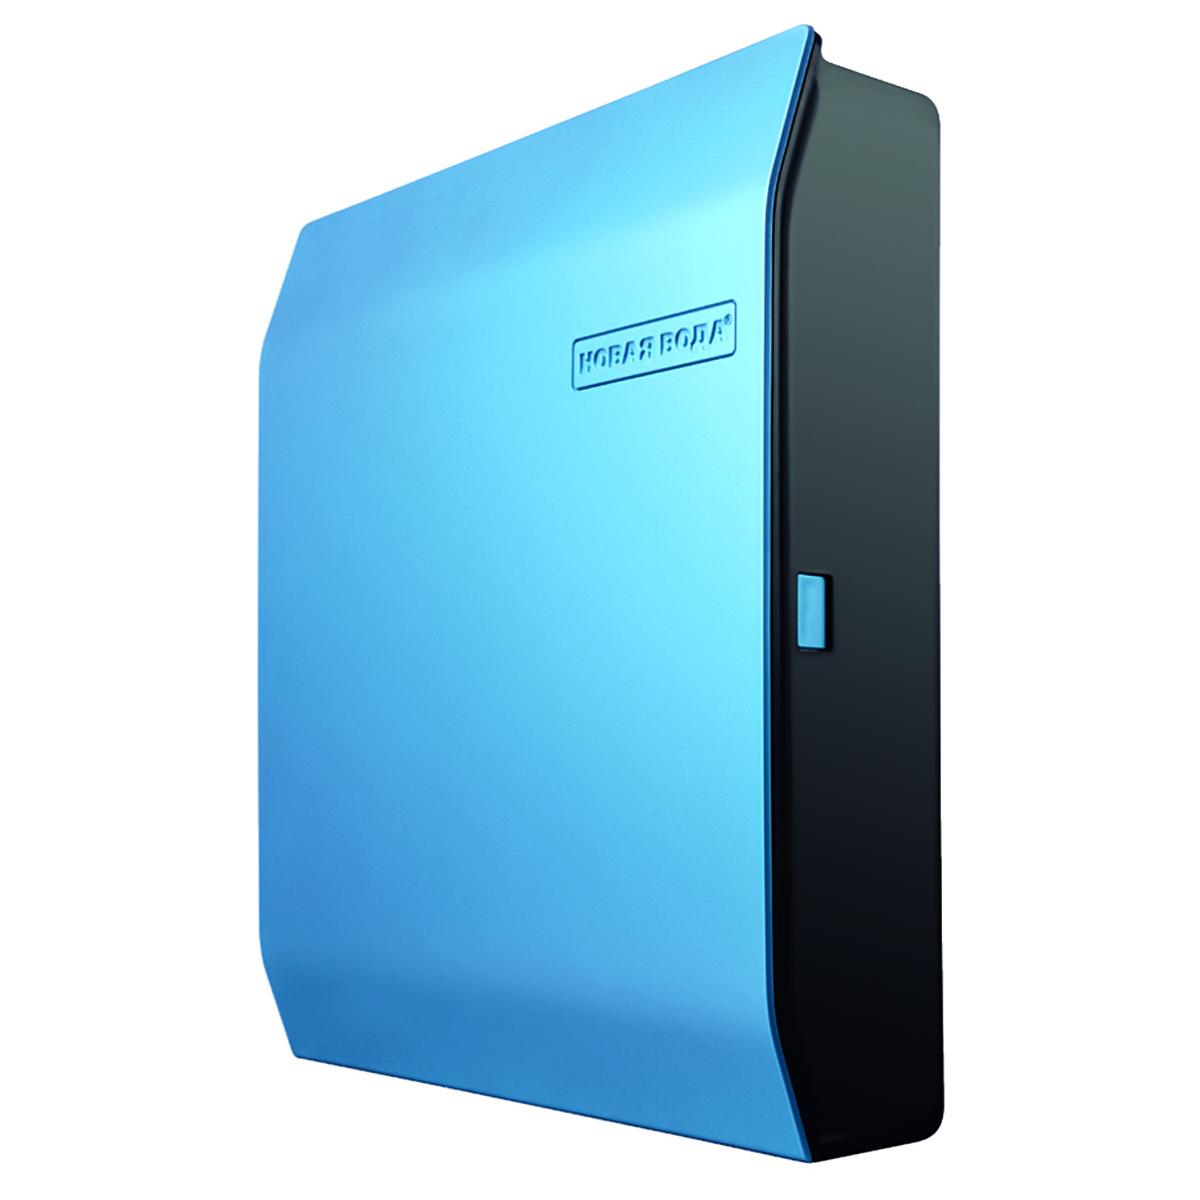 Фильтр для воды Prio Expert. M330, суперкомпактный 5-ого поколения68/5/3Тип фильтра: Система под мойку. Фильтры под мойку нового поколения Expert — настоящий прорыв в области очистки воды благодаря совершенному дизайну, быстросъемным картриджам и инновационным технологиям очистки воды.Многоступенчатые системы Expert занимают на 50% меньше места, чем традиционные системы, они имеют тонкий корпус — всего 8,5 см — и обладают ультрасовременным дизайном.Это позволяет:- разместить фильтр под мойкой, не занимая при этом много места- быть уверенным в том, что фильтр не будет поврежден при размещении под мойкой посуды и хоз.принадлежностей (например, мусорного ведра)- разместить фильтр на открытом пространстве над, либо рядом с мойкой, восхищая гостей превосходным дизайном системы и облегчая доступ к ней при смене картриджей- устанавливать фильтр горизонтально (например, закрепляя к верхней части шкафа под мойкой), делая его практически незаметнымЭксклюзивная разработка Prio, не имеющая аналогов - использование уникальных картриджей:-отсутствиеголовы, в которой в процессе многолетней эксплуатации могут скапливаться загрязнение - гарантирует Вам кристально чистую воду даже через 10 лет эксплуатации- только у фильтров Expert картриджи имеют вход и выход на противоположных концах картриджа - вкупе с фирменной технологией Invortex (движение воды внутри фильтра по спирали) это не только повышает качество очистки, но и увеличивает ресурс картриджа до 2х раз по сравнению с традиционными системами- используемые картриджи быстро и просто заменяются, при этом не возникает протечек остаточной воды- в процессе эксплуатации Вы можете по своему усмотрению менять количество картриджей,собирая систему под особенности Вашей воды - Вам доступны от 3 до 5 ступеней очистки в любой момент- технология установки картриджей без резьбы и резиновых уплотнителей (которые могутразбиваться и протекать со временем) - гарантия долговечности и надежности конструкцииФильтры представлены в 3 вариантах — экон